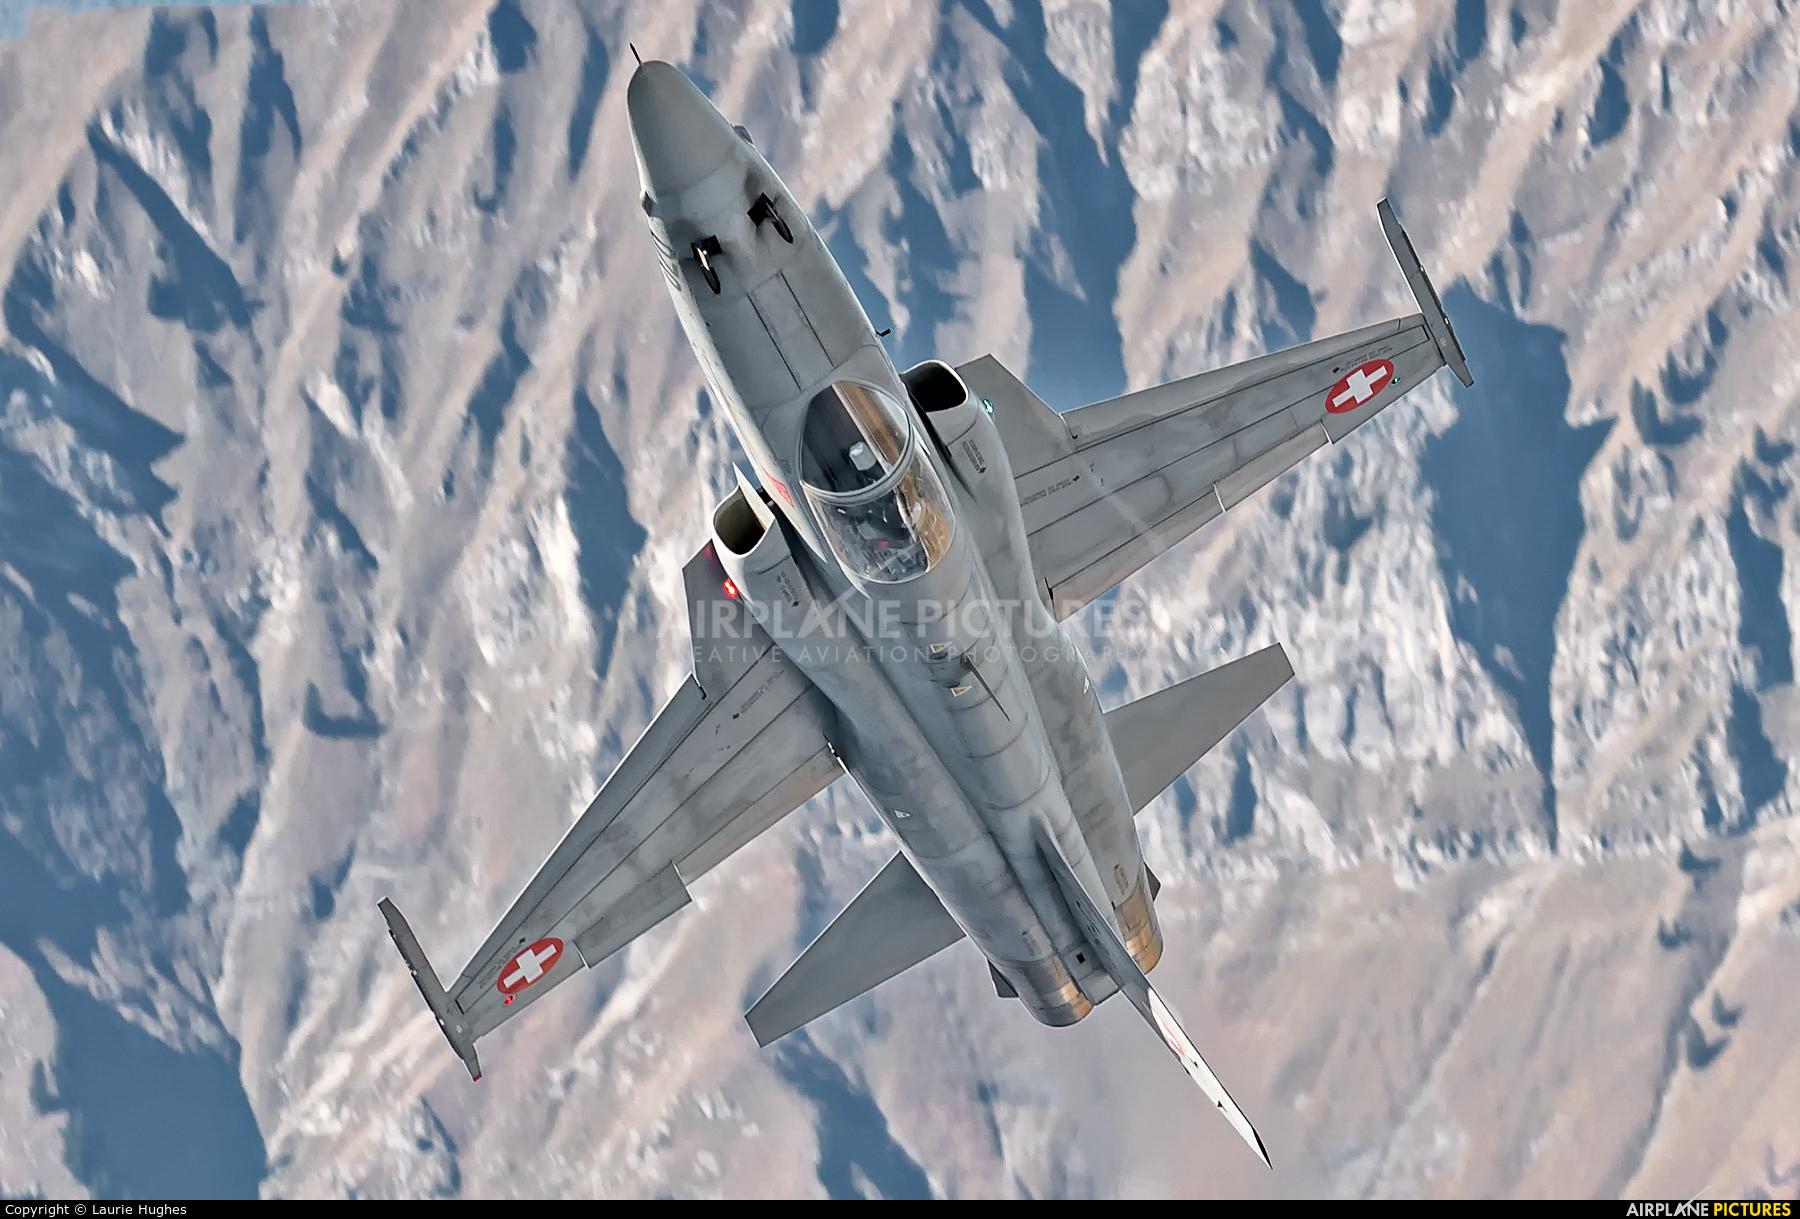 Switzerland - Air Force J-3072 aircraft at Axalp - Ebenfluh Range